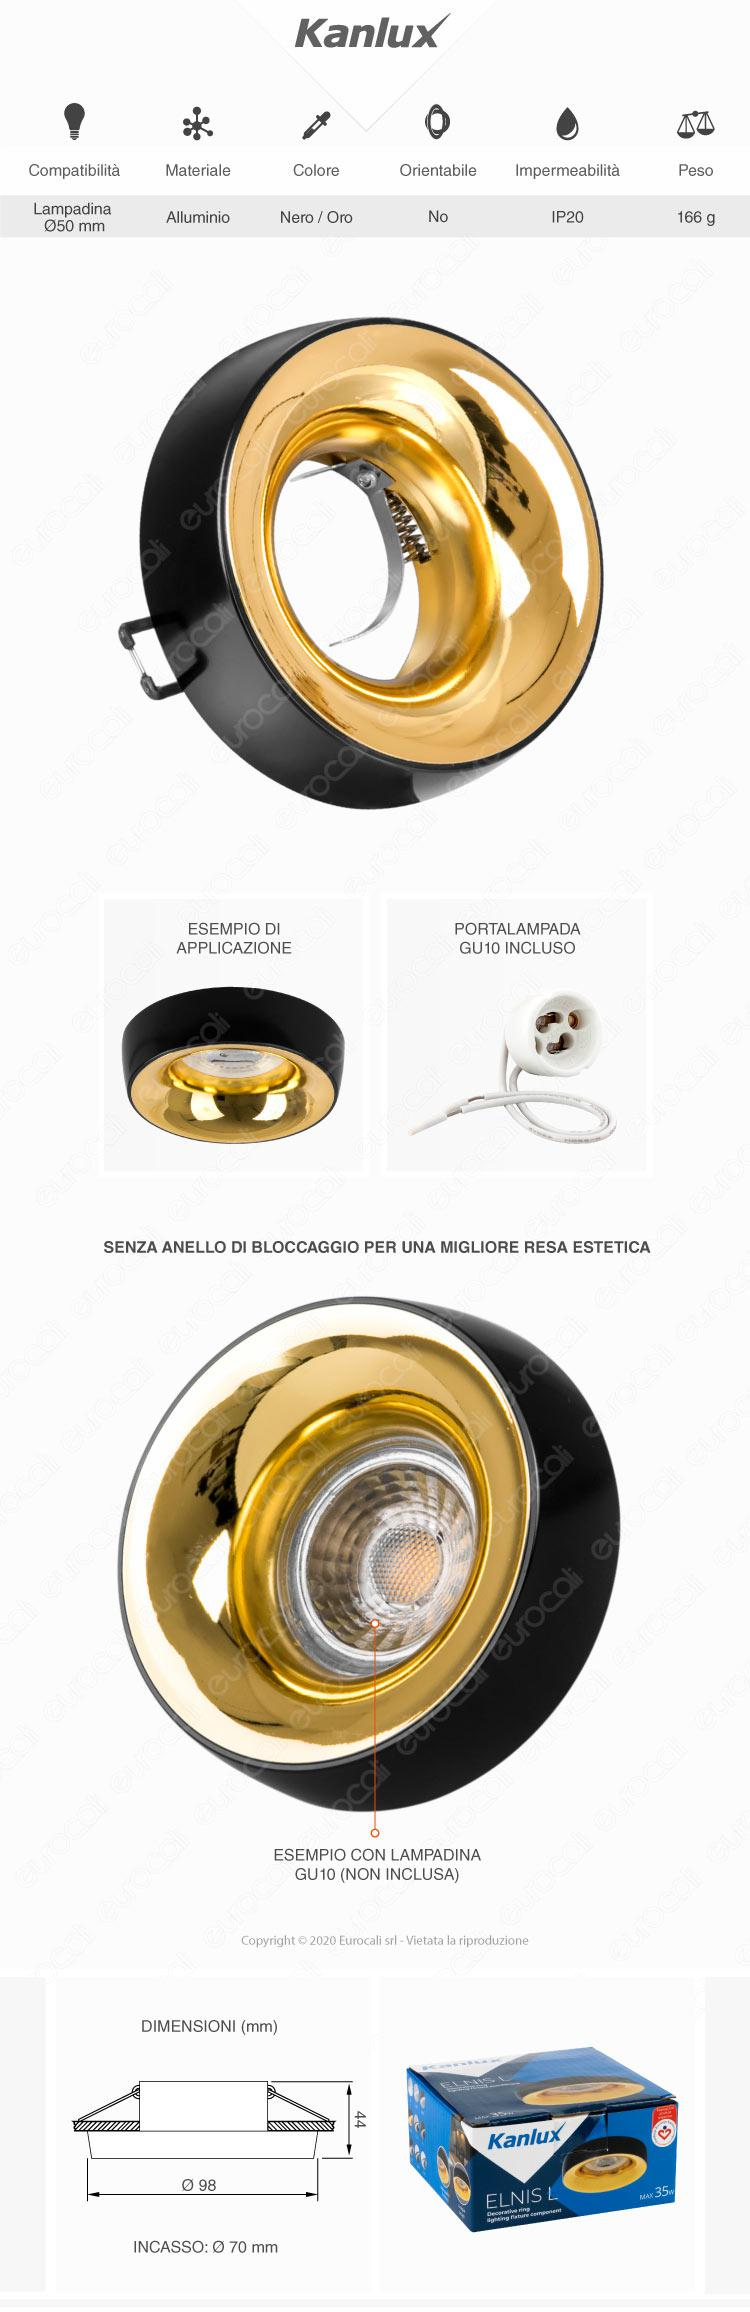 Kanlux ELNIS L Portafaretto Rotondo da Incasso Colore Nero e Oro per Lampadine GU10 e GU5.3